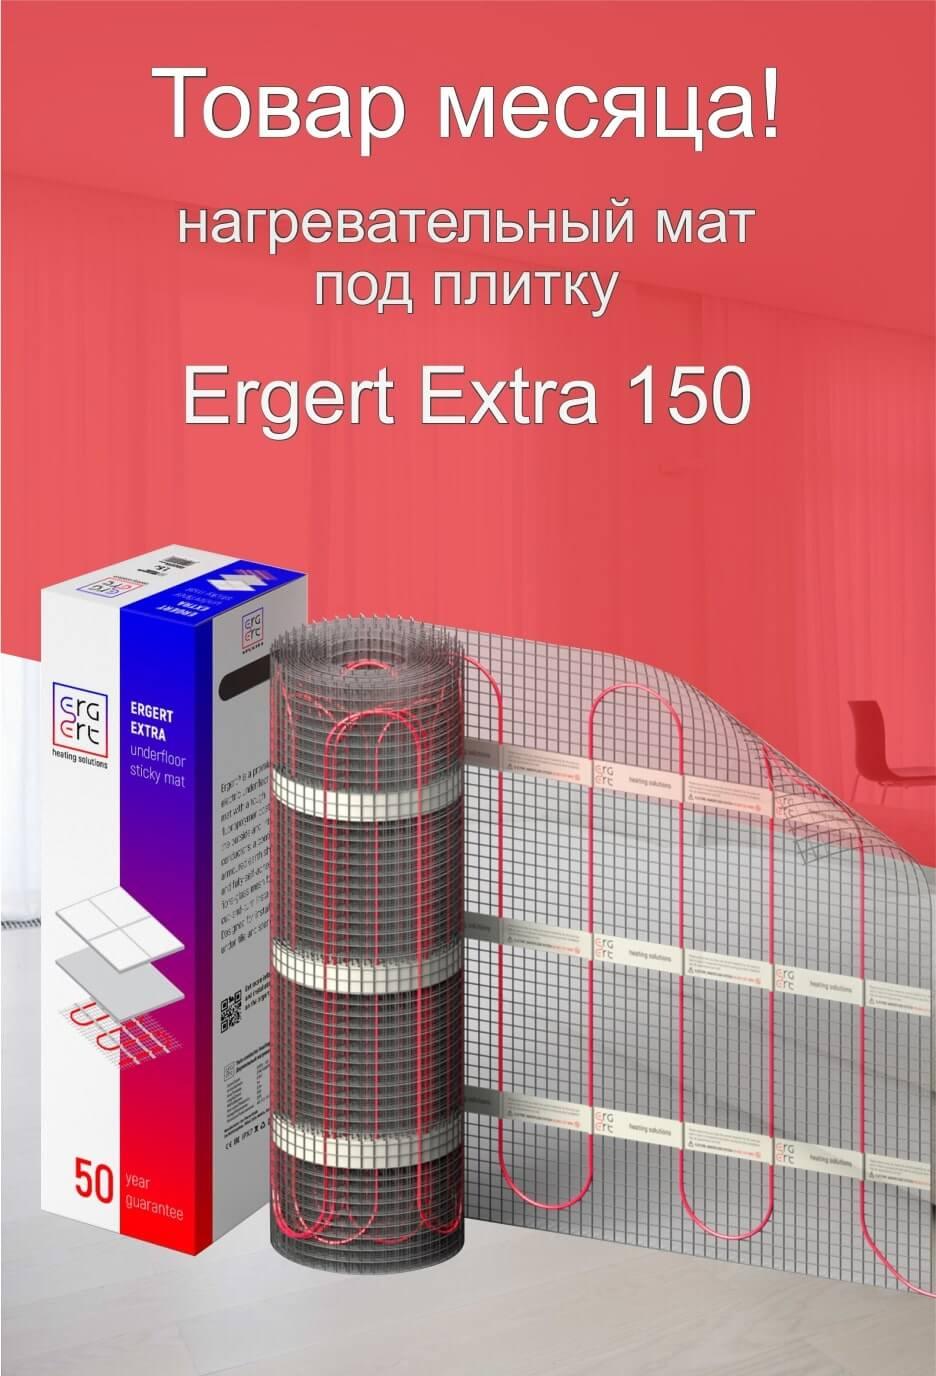 Нагревательный мат ERGERT Extra 150